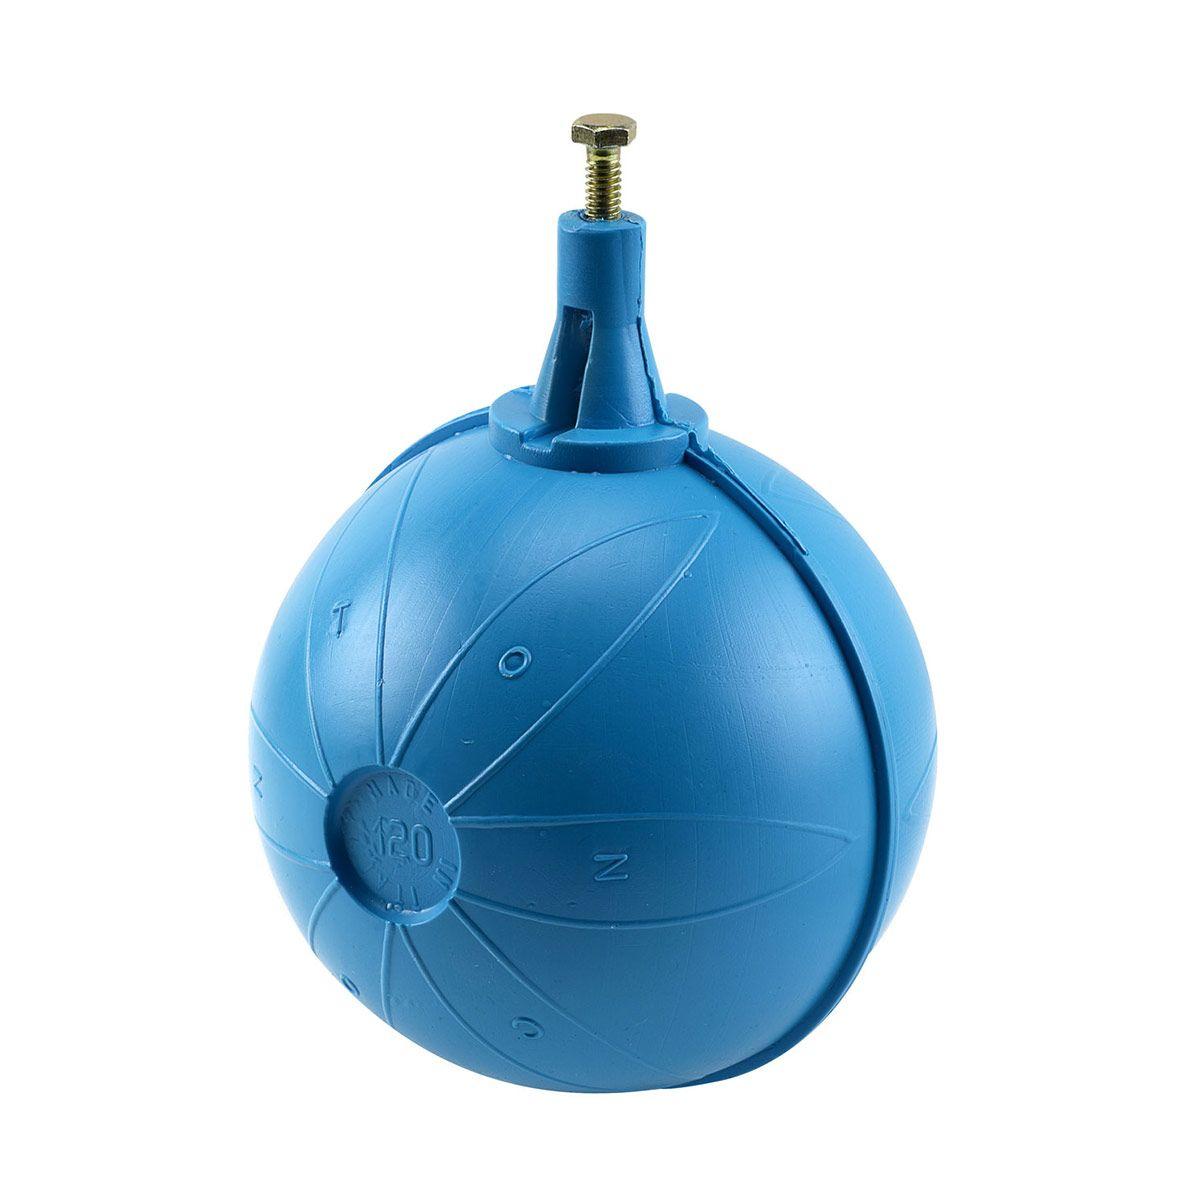 Schwimmerkugel, Blau, Kunststoff, D 150 mm